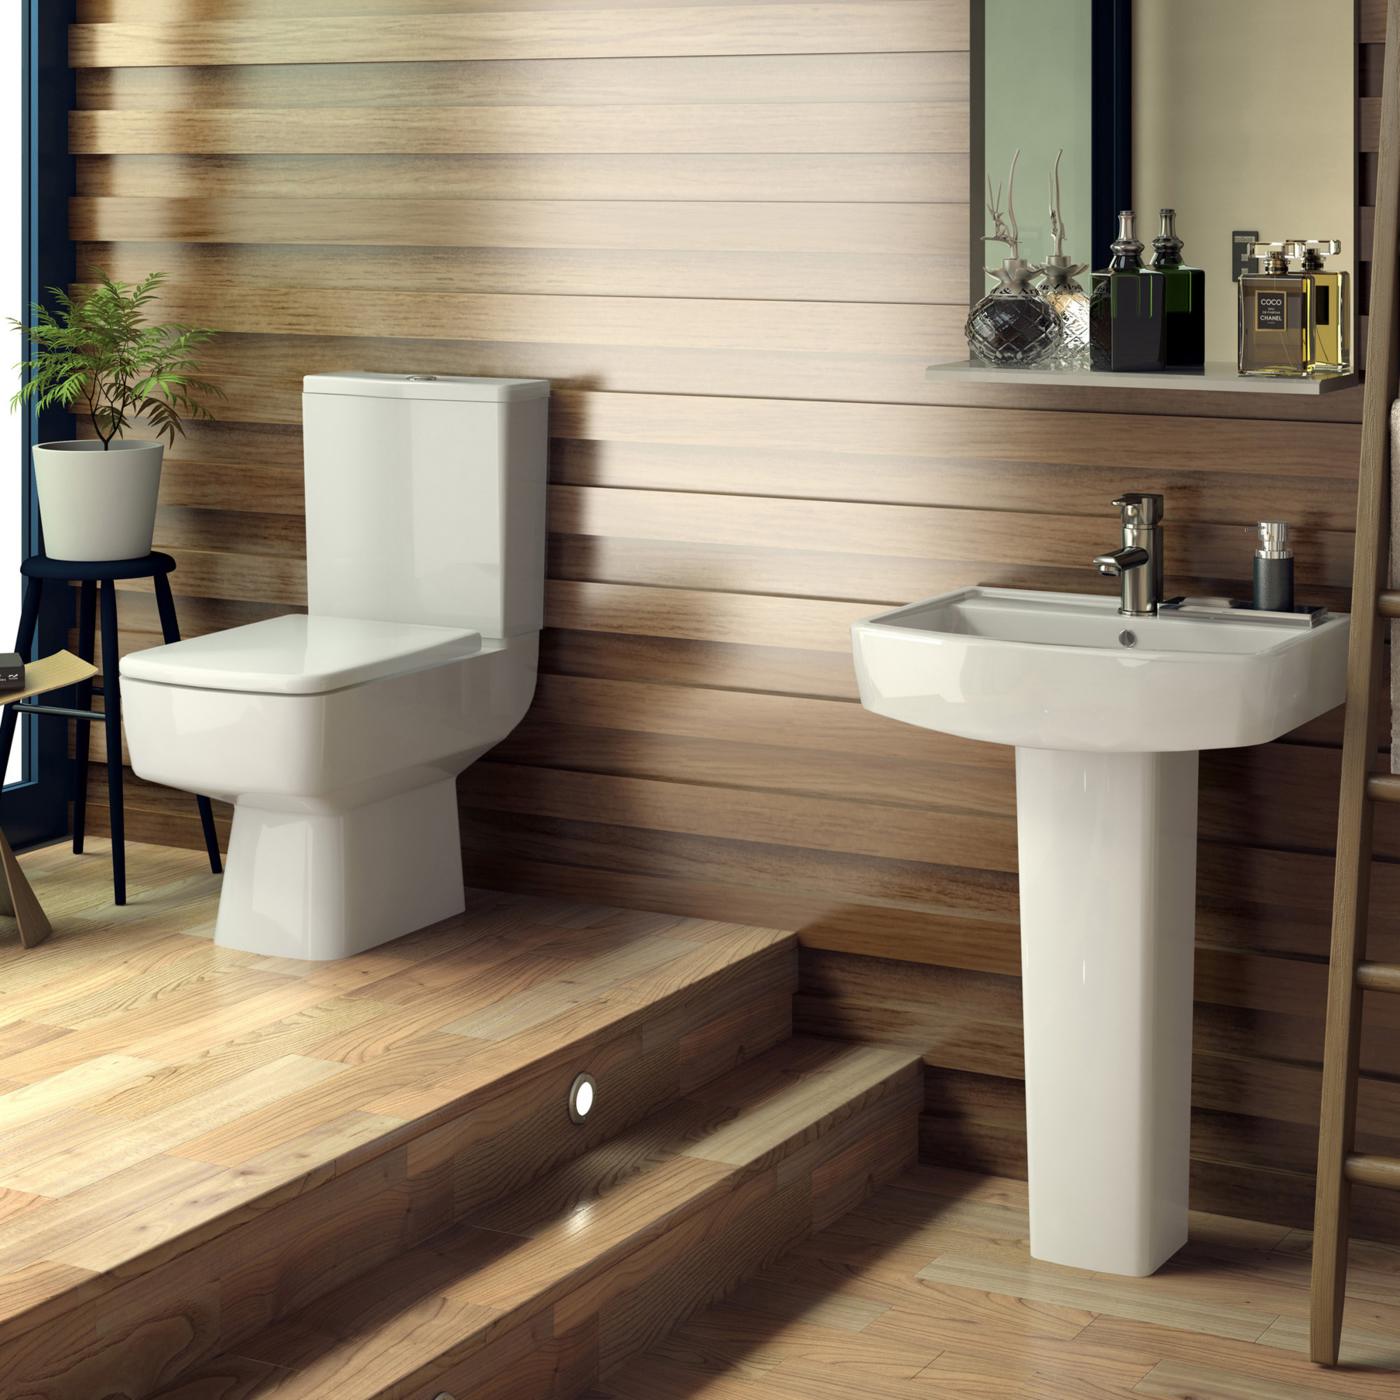 Conjunto de ba o con lavabo e inodoro wc en cer mica for Lavabo minimalista